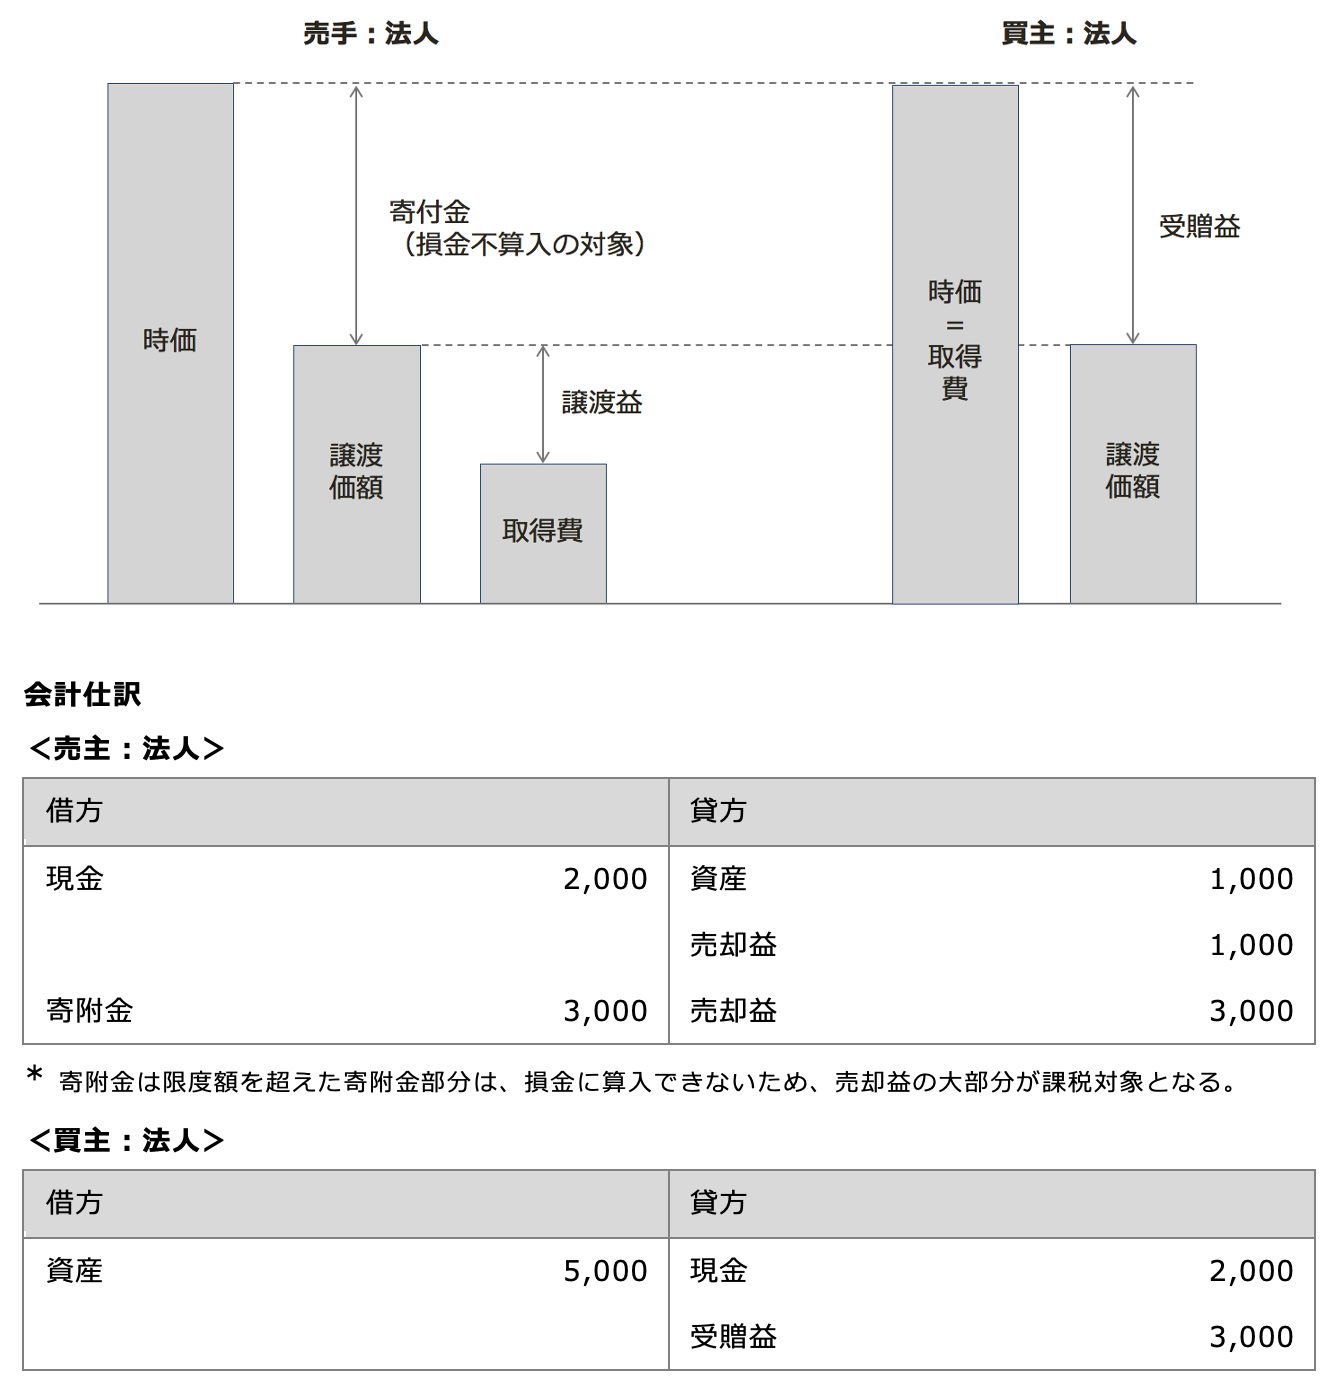 法人間の低額譲渡の課税関係 図解